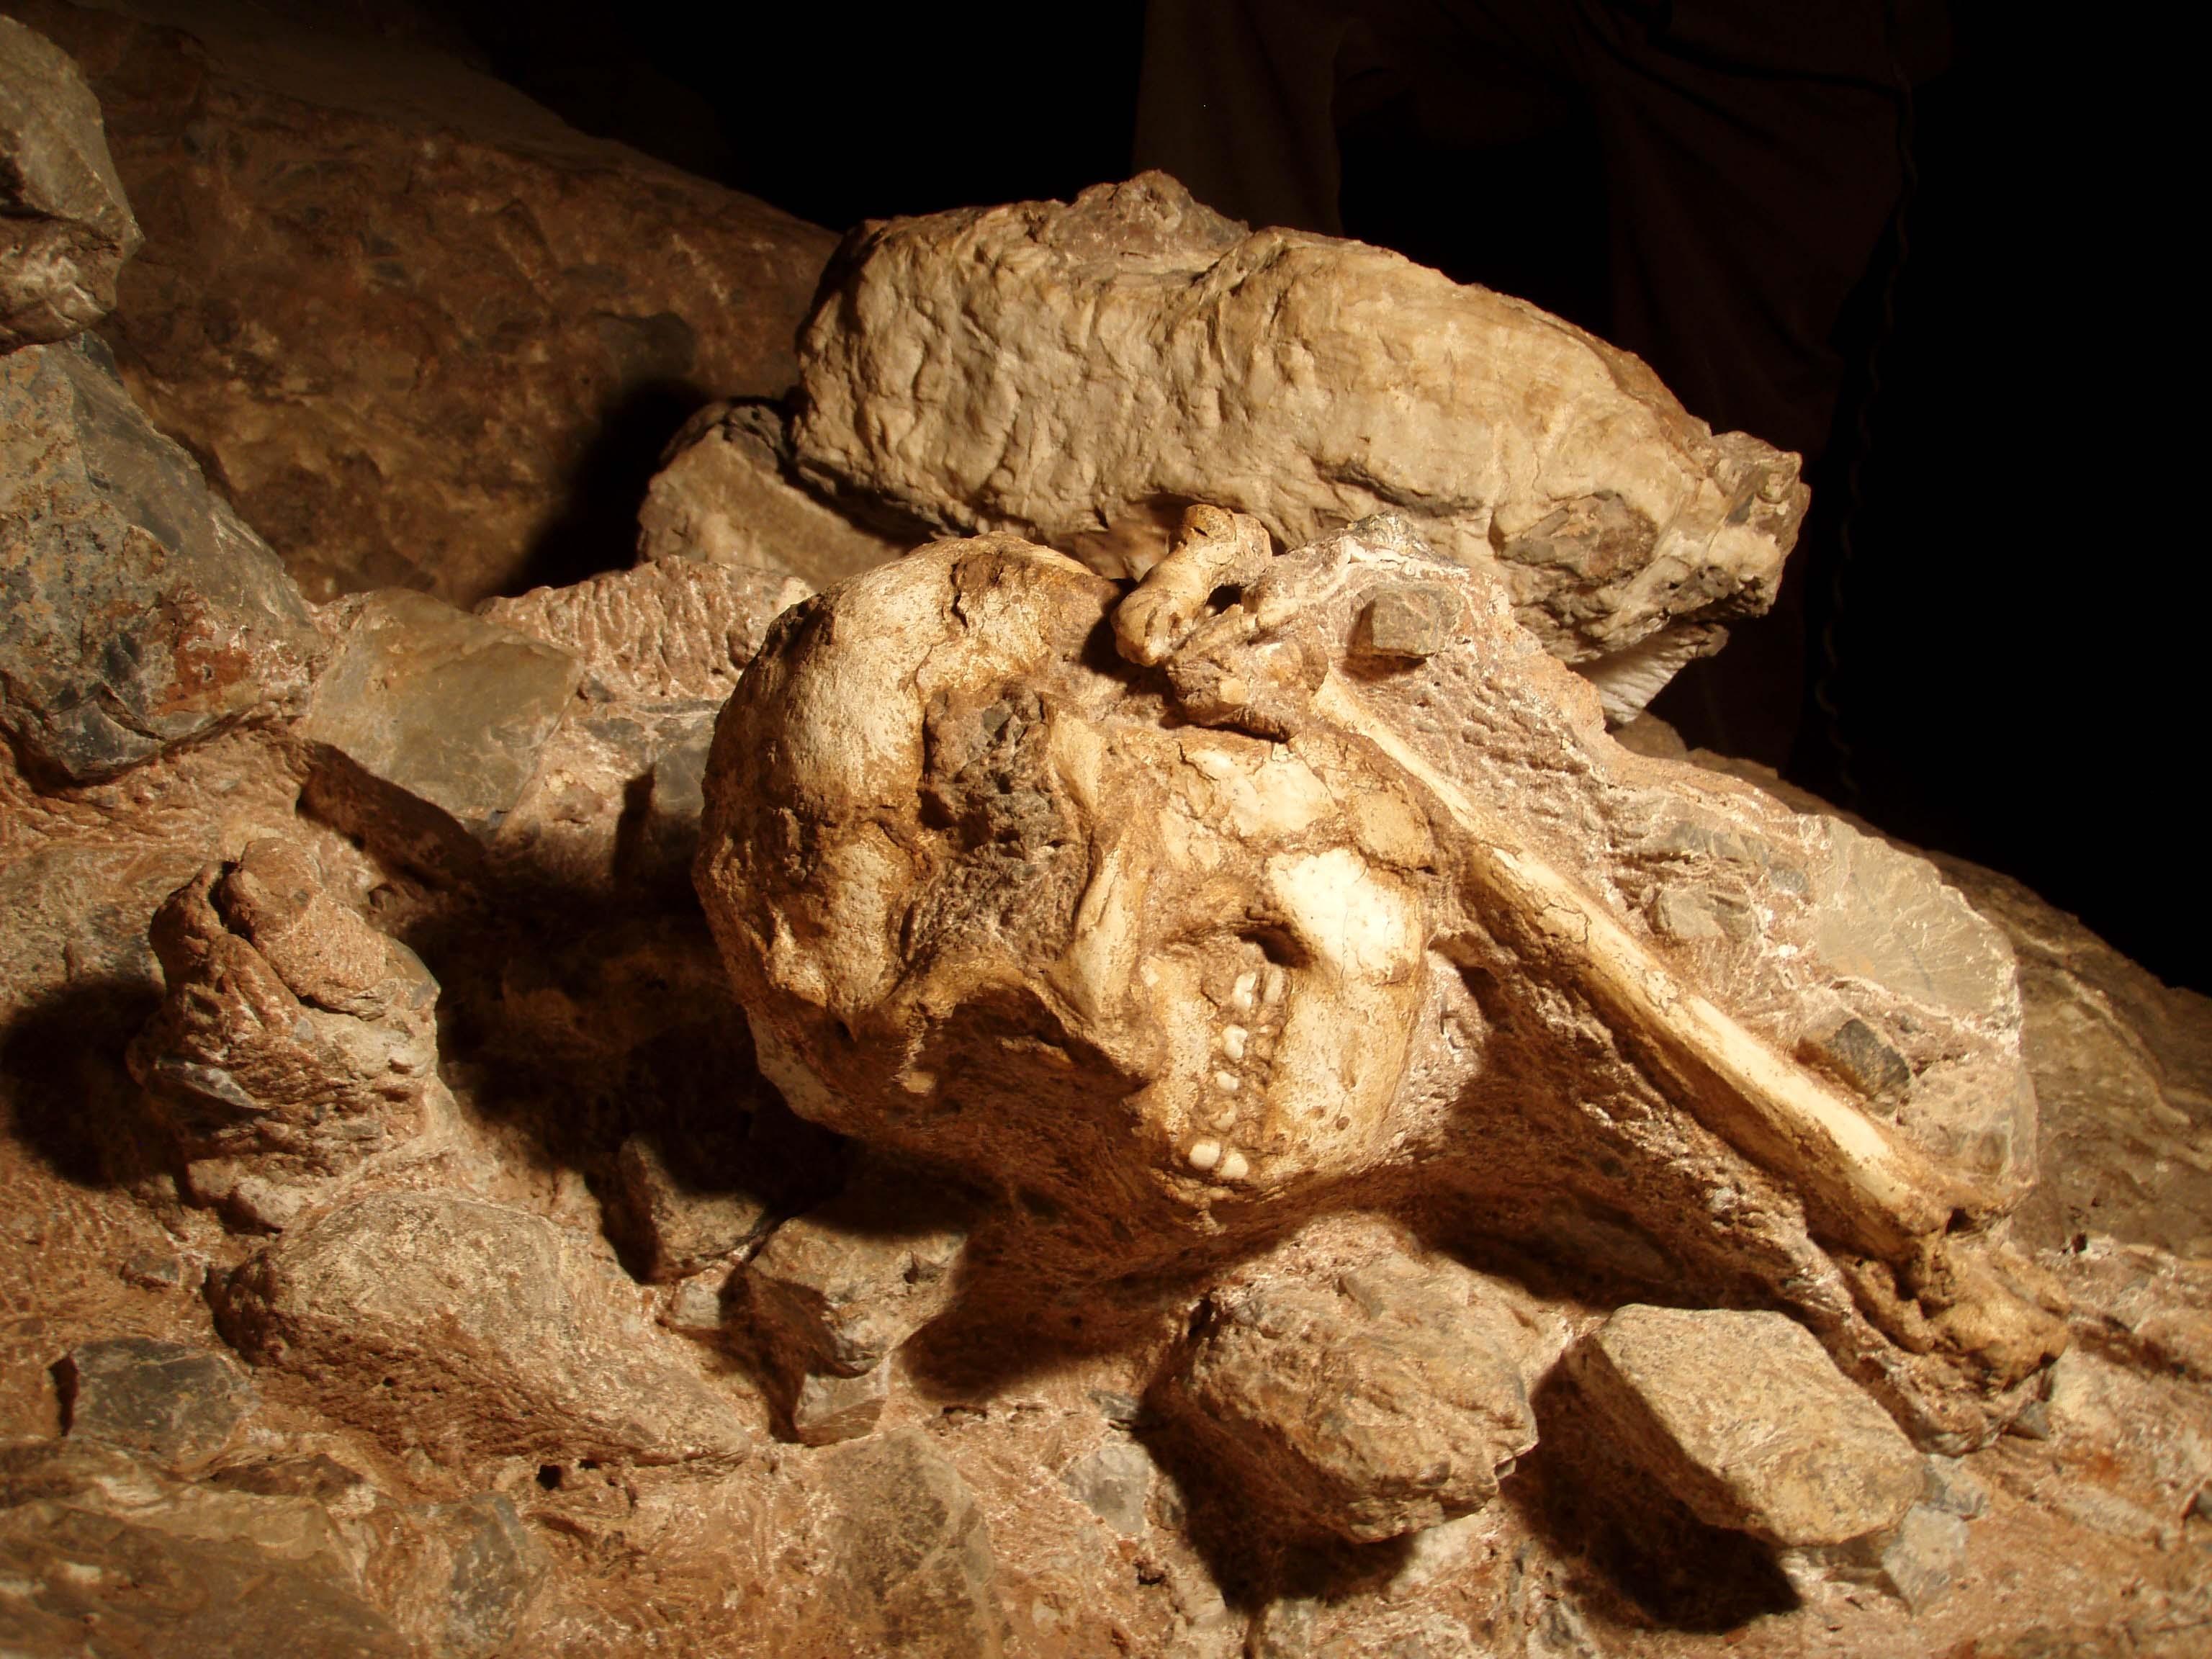 StW 573 (Little Foot) est le squelette d�australopith�que le plus complet d�couvert � ce jour. L�essentiel des ossements sont encore en connexion, plus de 3 Ma apr�s sa chute dans la Silberberg grotto (Afrique du Sud) Clich� L. Bruxelles/Inrap